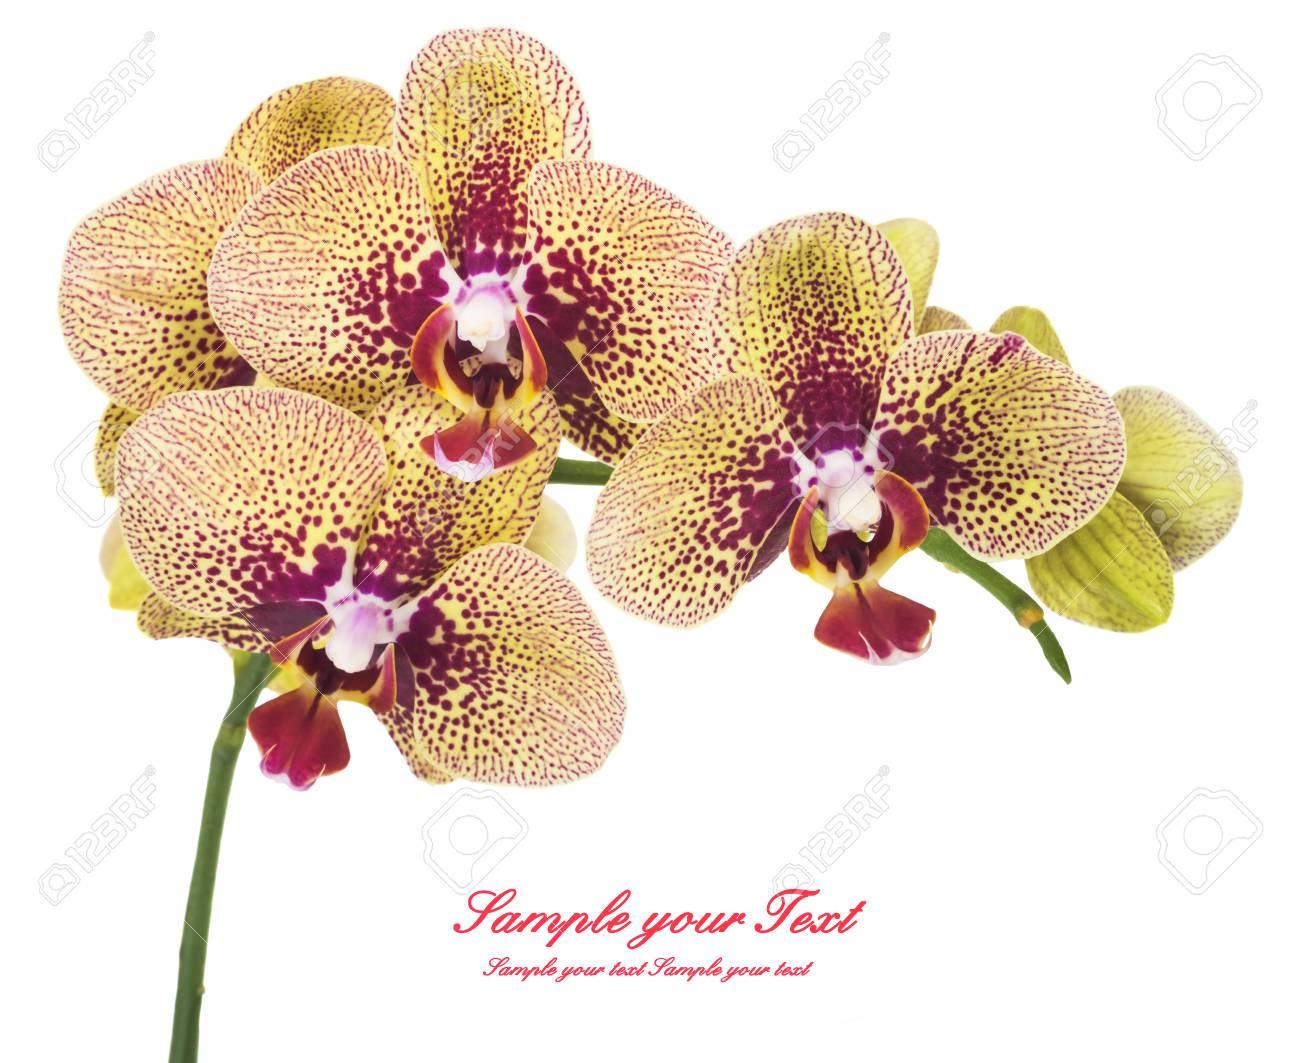 orquídea flores de orquídeas hermosas flores de orquídeas aislados